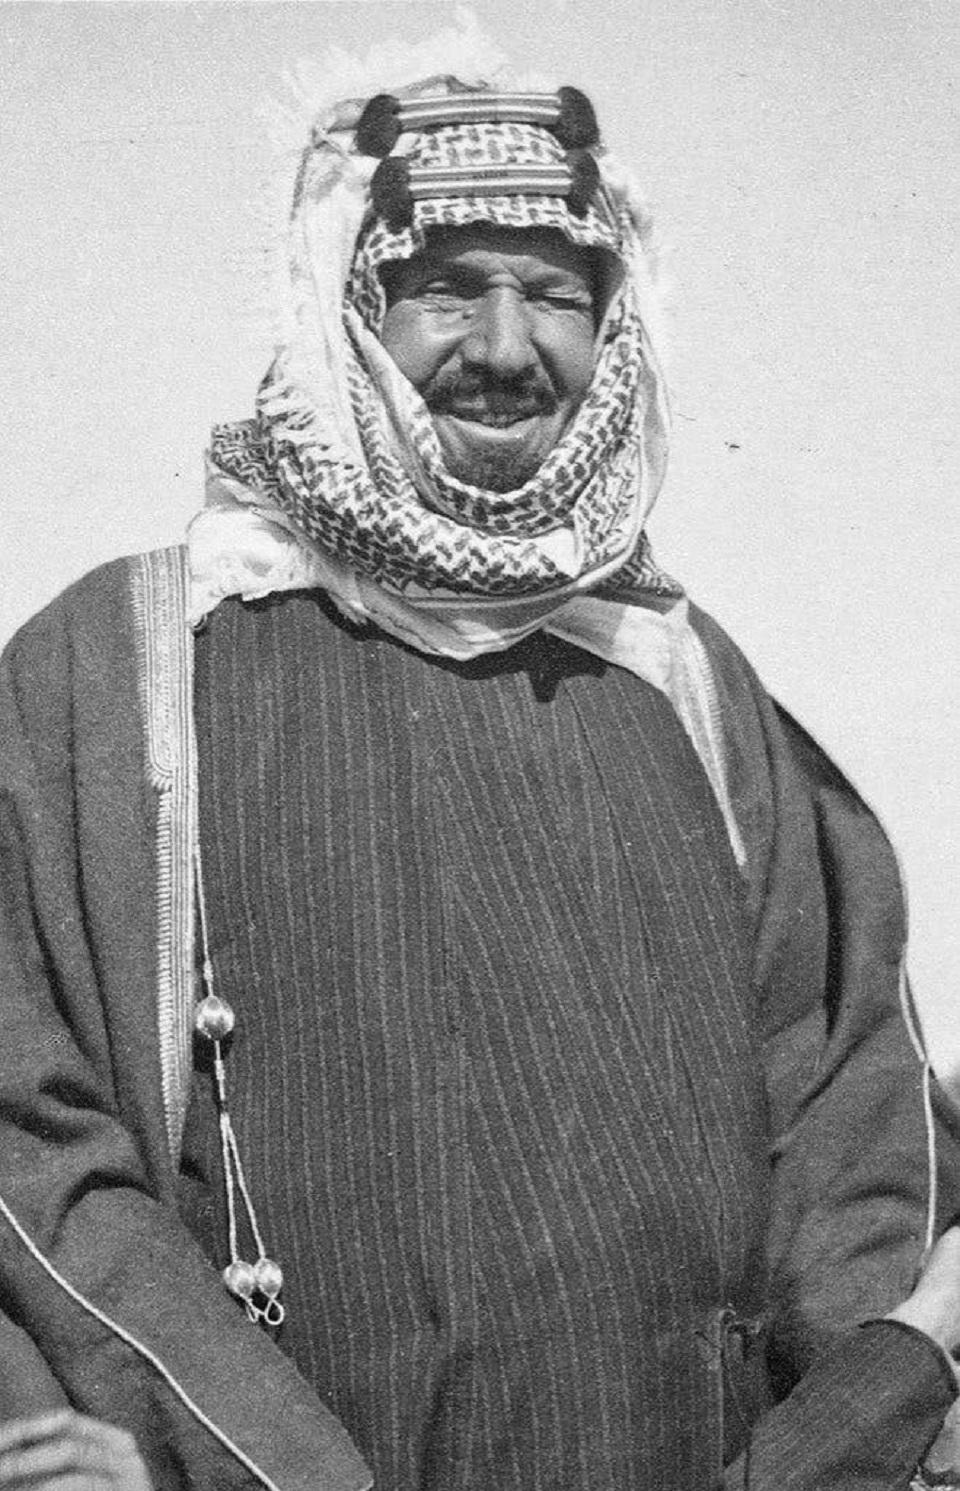 ظهرت بقمة الـ 20 تاريخ صورة الملك عبدالعزيز مجلة الرجل